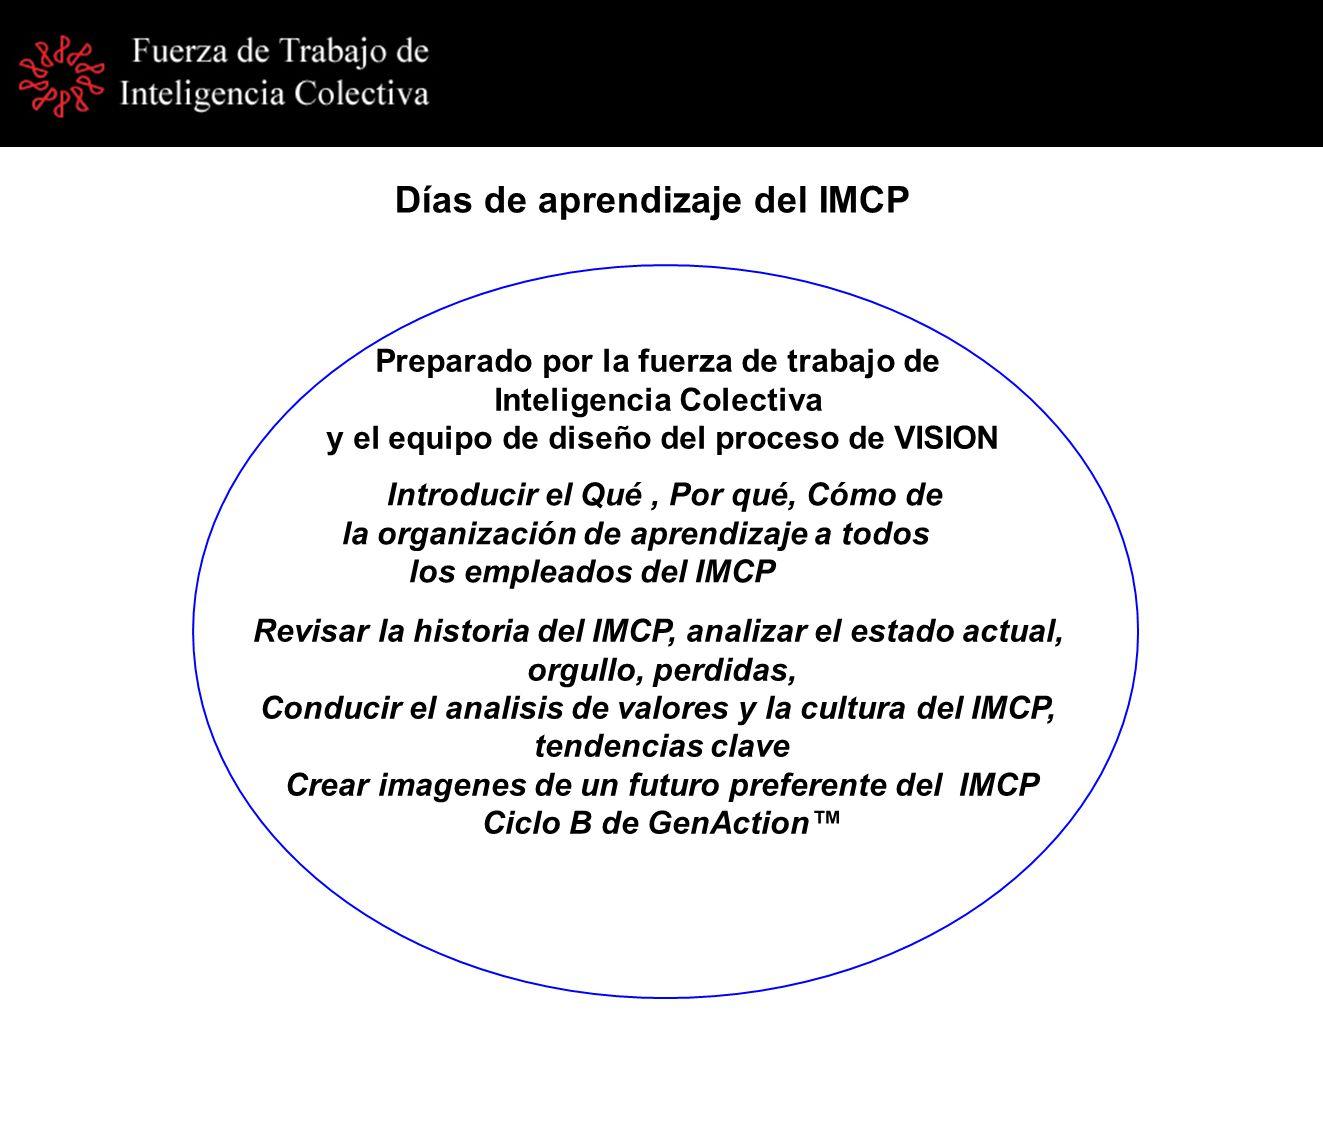 Preparado por la fuerza de trabajo de Inteligencia Colectiva y el equipo de diseño del proceso de VISION Revisar la historia del IMCP, analizar el estado actual, orgullo, perdidas, Conducir el analisis de valores y la cultura del IMCP, tendencias clave Crear imagenes de un futuro preferente del IMCP Ciclo B de GenAction Introducir el Qué, Por qué, Cómo de la organización de aprendizaje a todos los empleados del IMCP Días de aprendizaje del IMCP